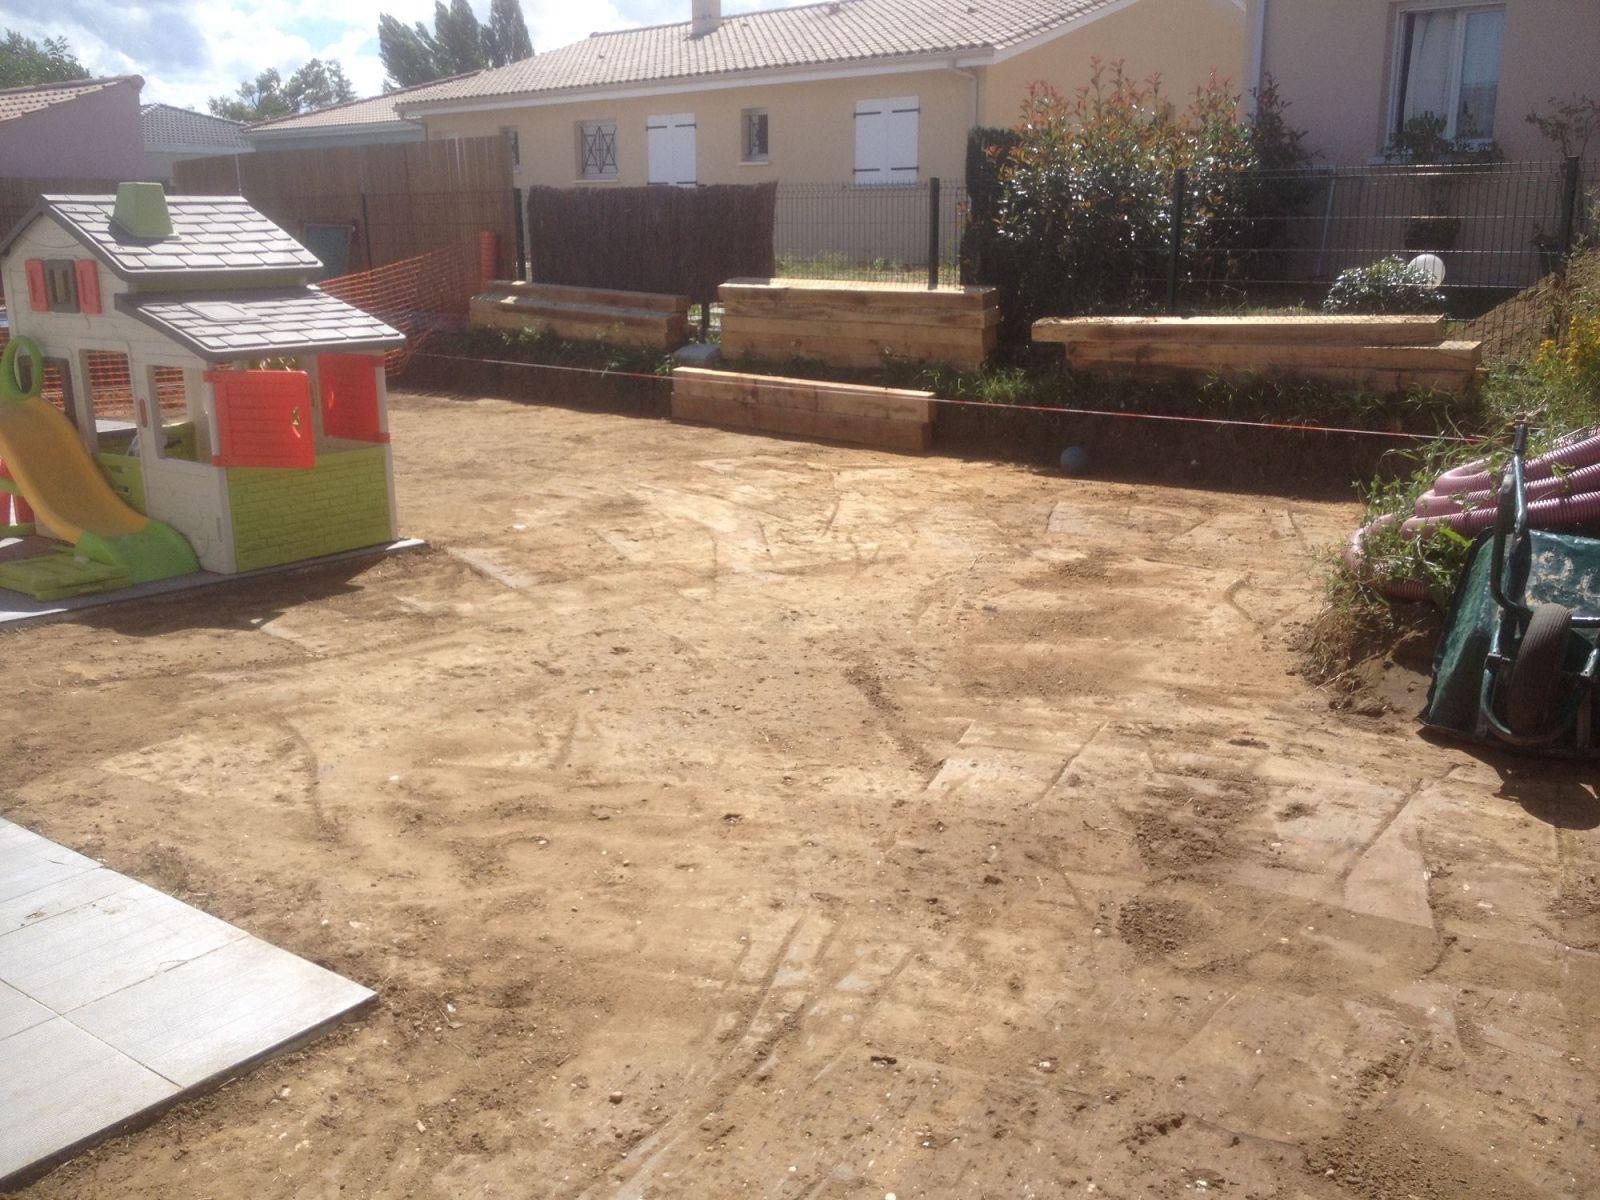 Paysagiste pour am nagement des abords d une piscine hors for Piscine hors sol et declaration de travaux